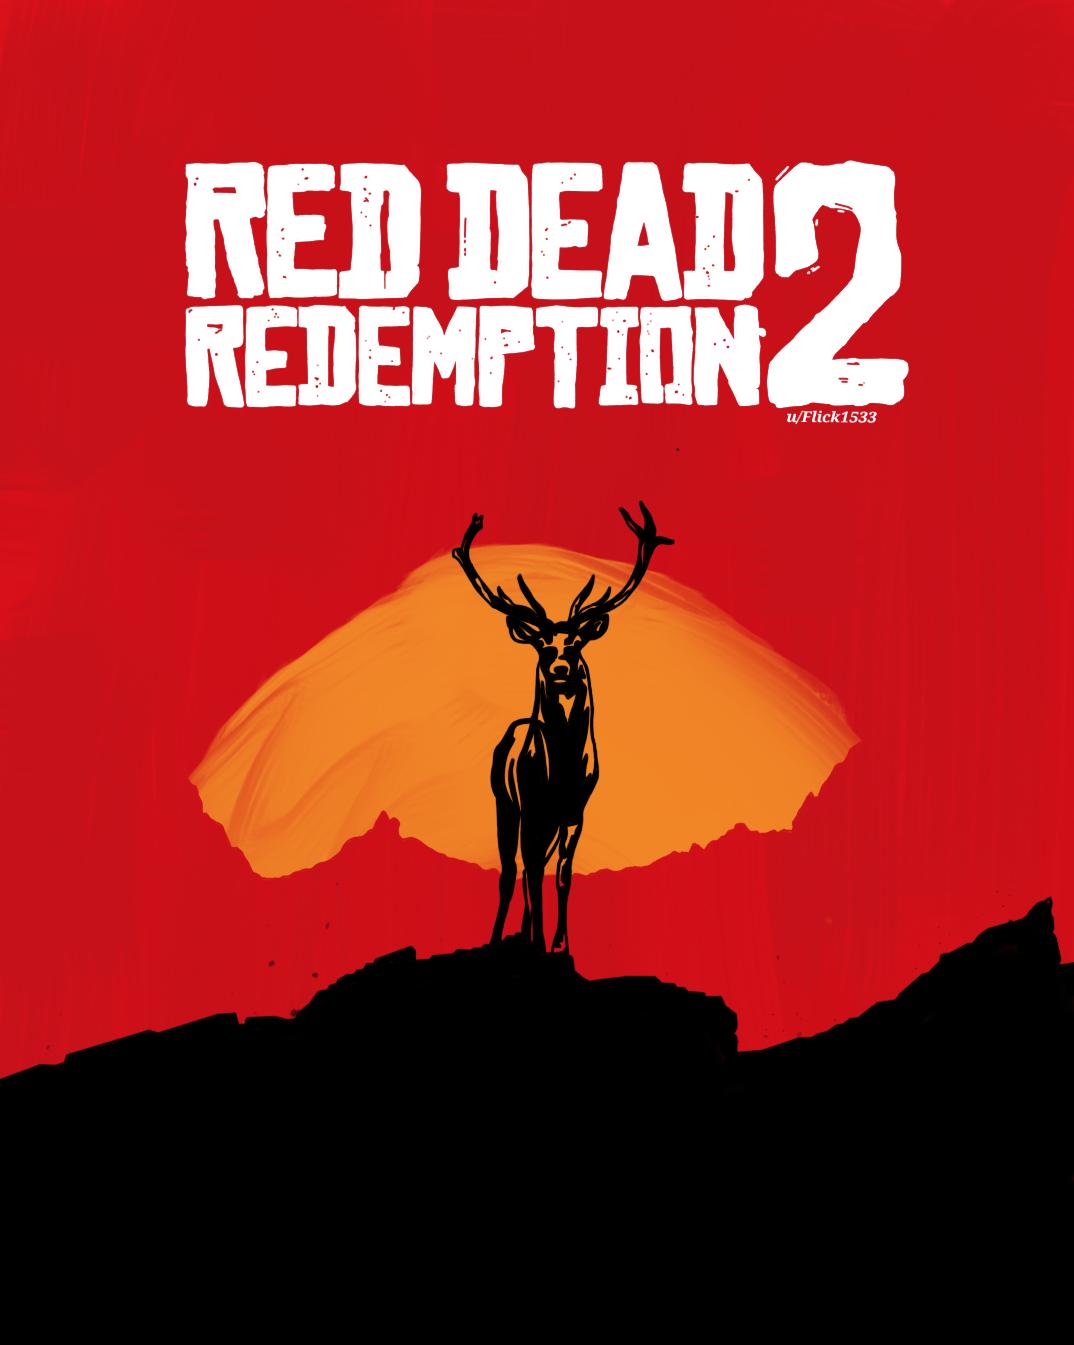 Gaming Ekt Red Dead Redemption2 Playstation Gaming Gamer Red Dead Redemption Artwork Red Dead Redemption Art Red Dead Redemption